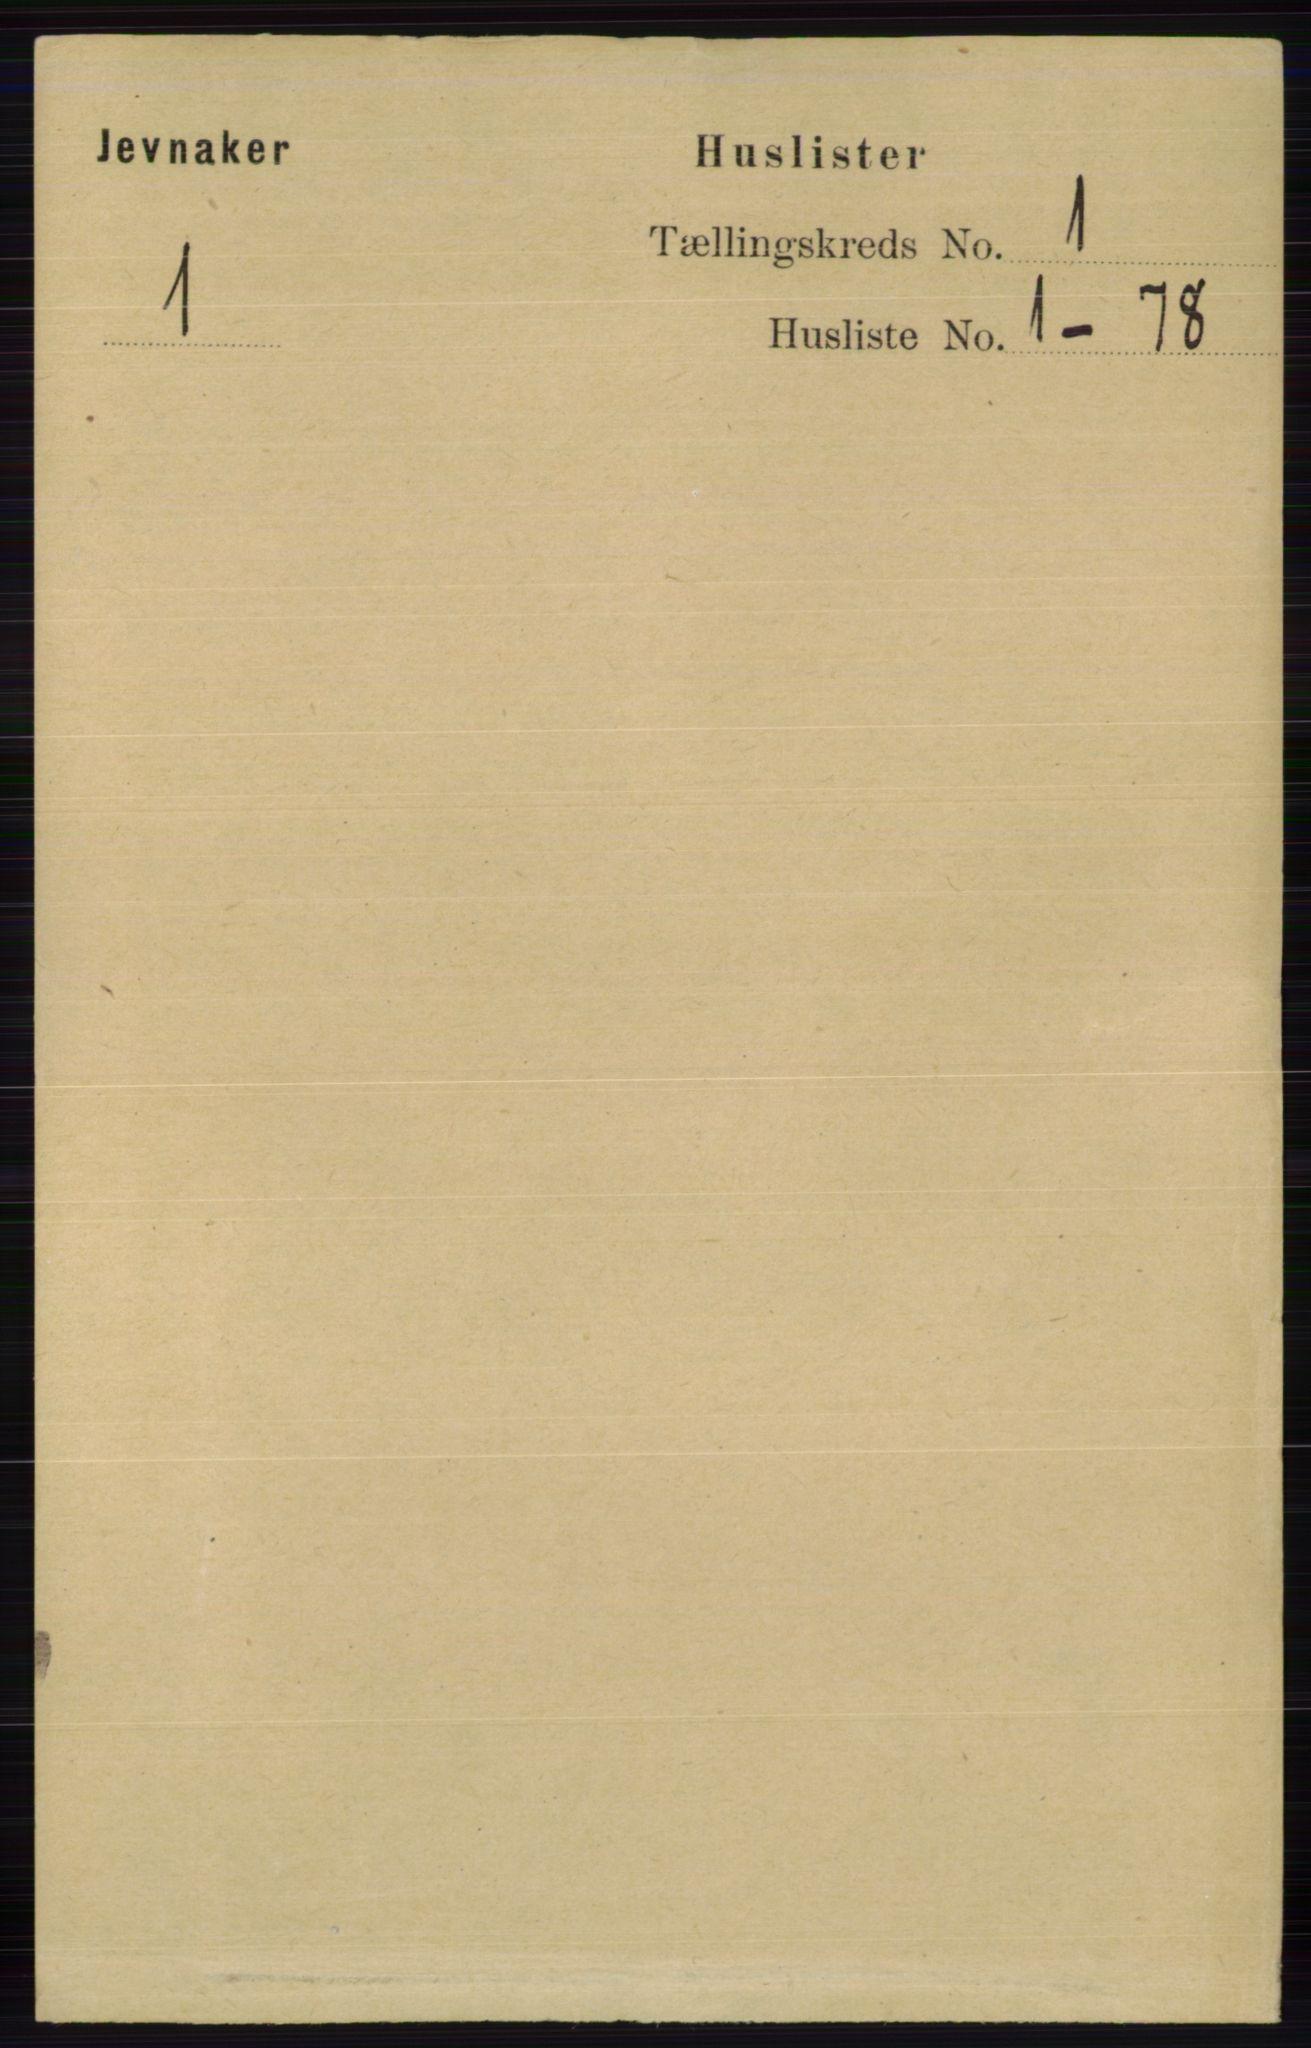 RA, Folketelling 1891 for 0532 Jevnaker herred, 1891, s. 33